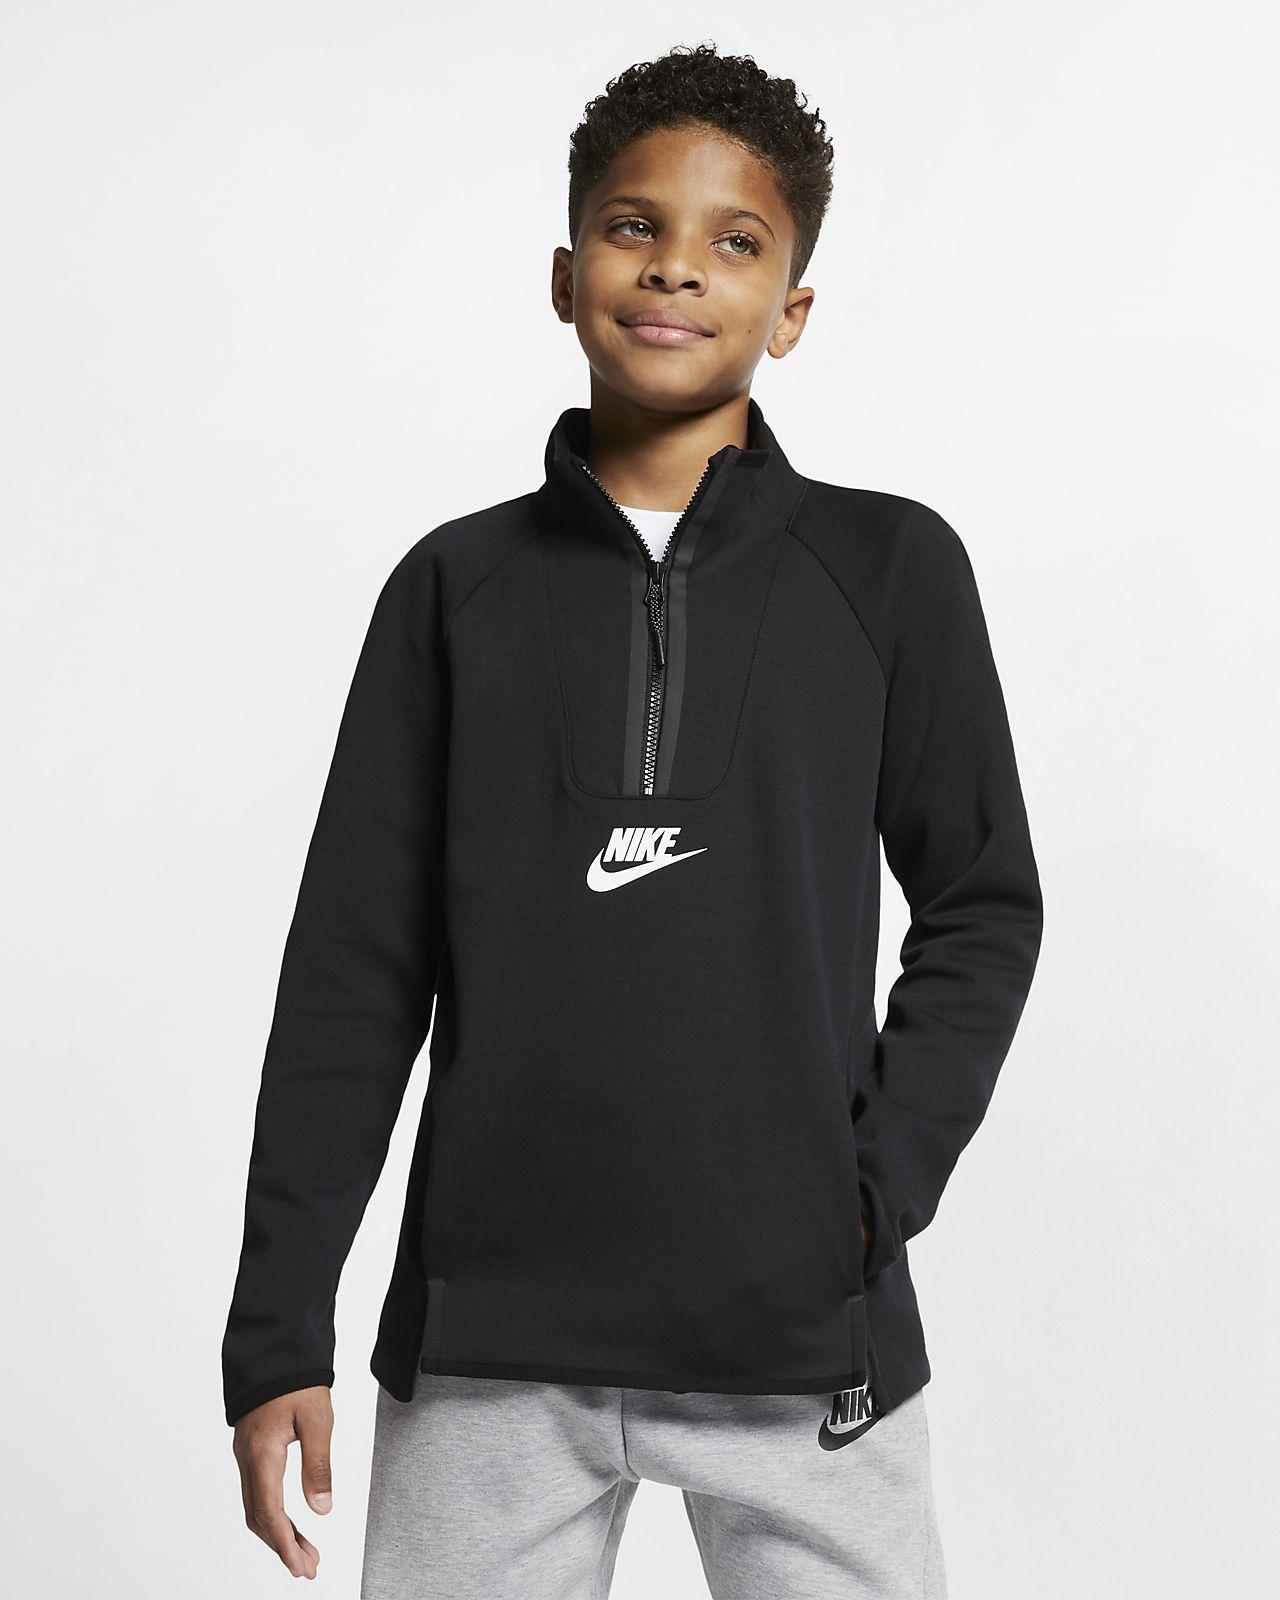 Långärmad tröja Nike Sportswear Tech Fleece för barn